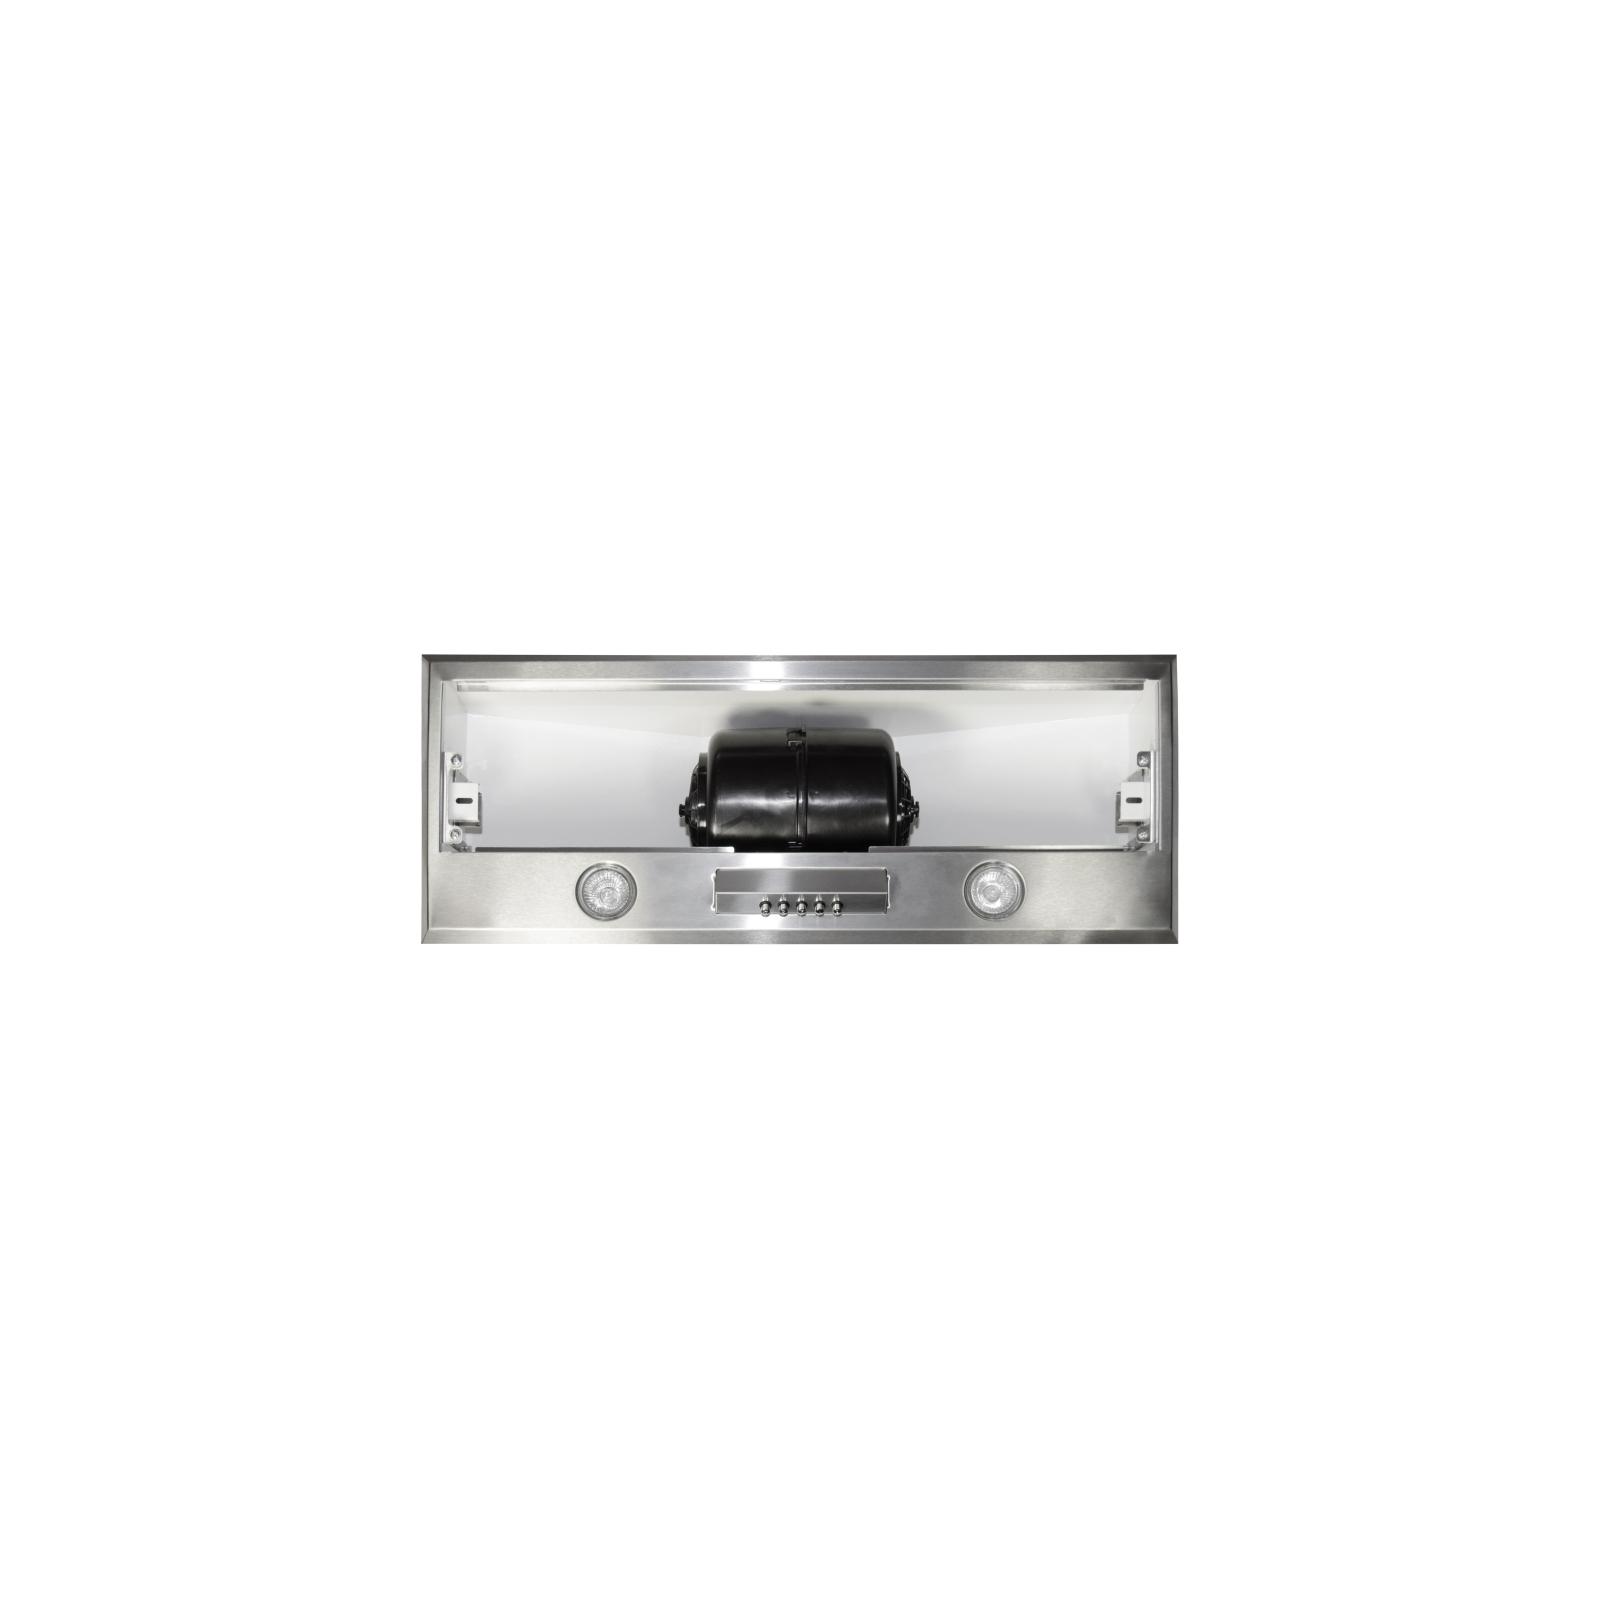 Вытяжка кухонная ELEYUS Modul 960 70 IS изображение 5